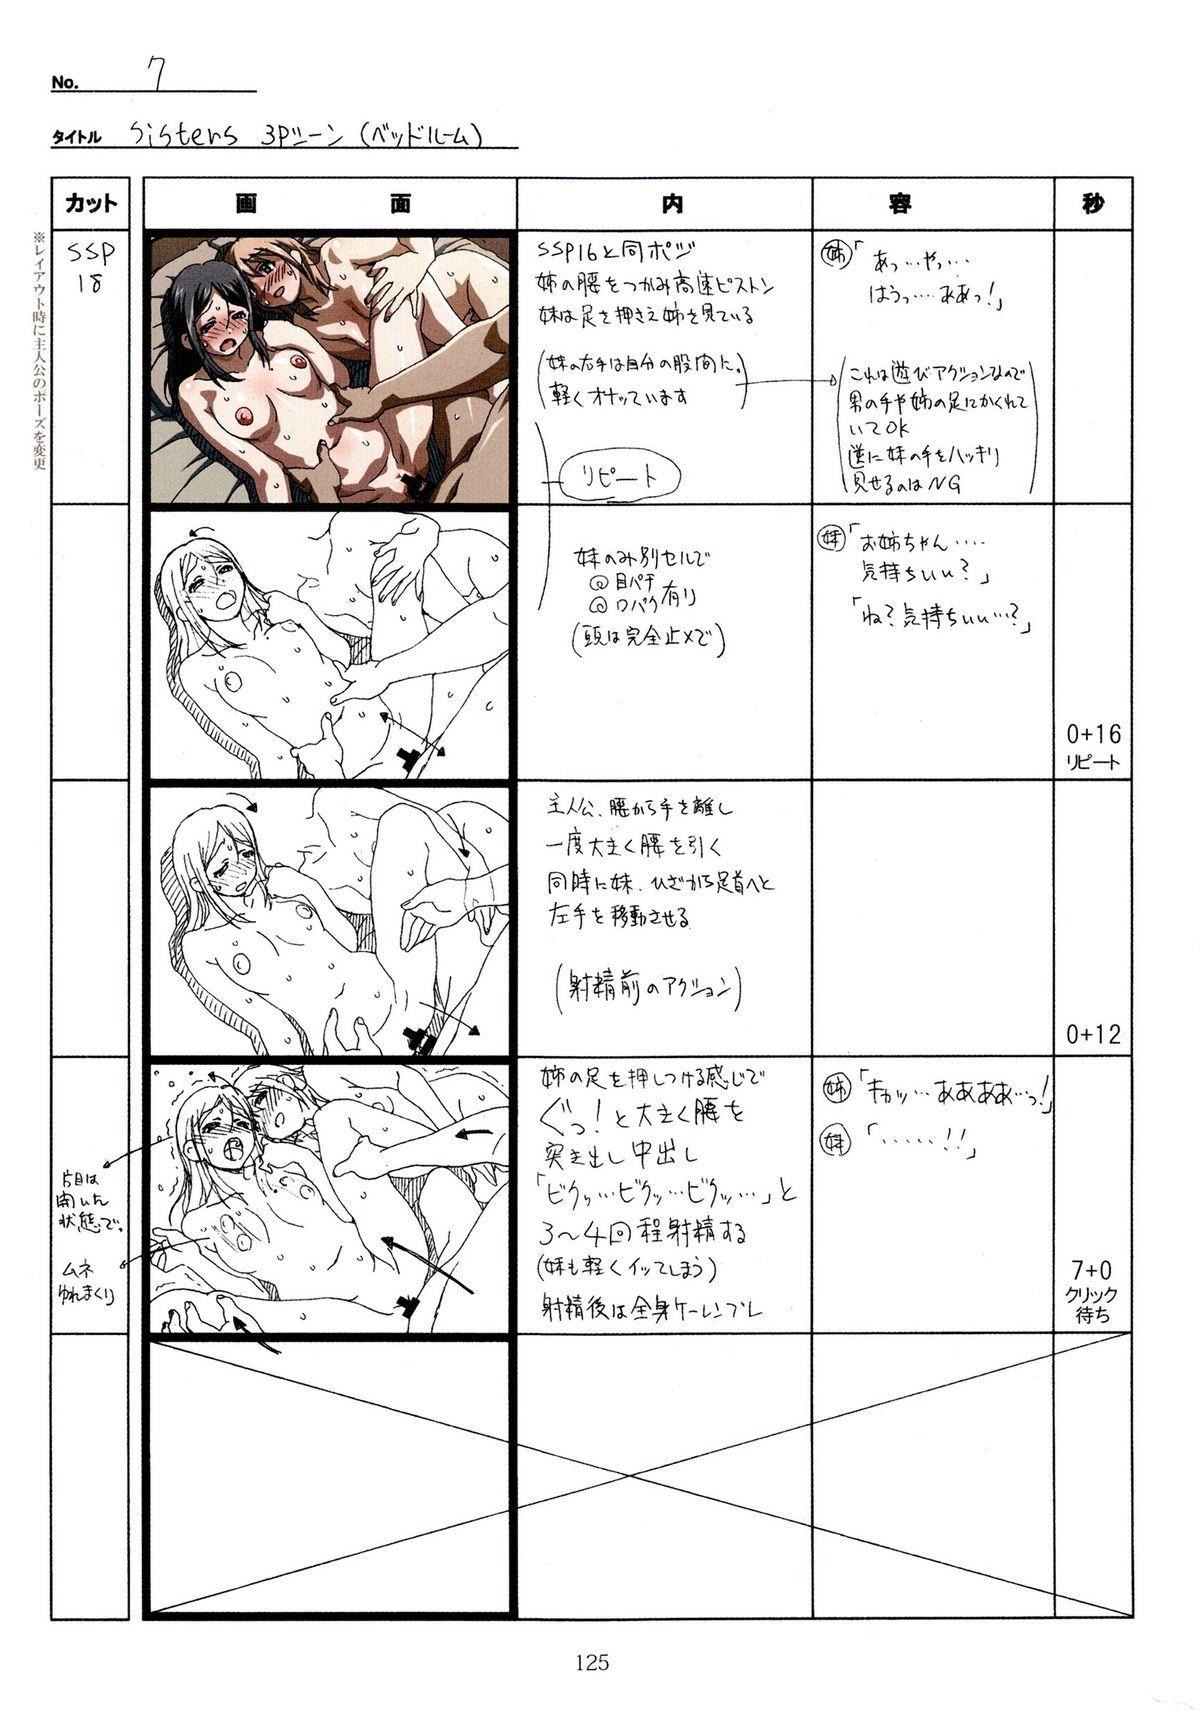 (C89) [Makino Jimusho (Taki Minashika)] SISTERS -Natsu no Saigo no Hi- H Scene All Part Storyboard (SISTERS -Natsu no Saigo no Hi-) 124